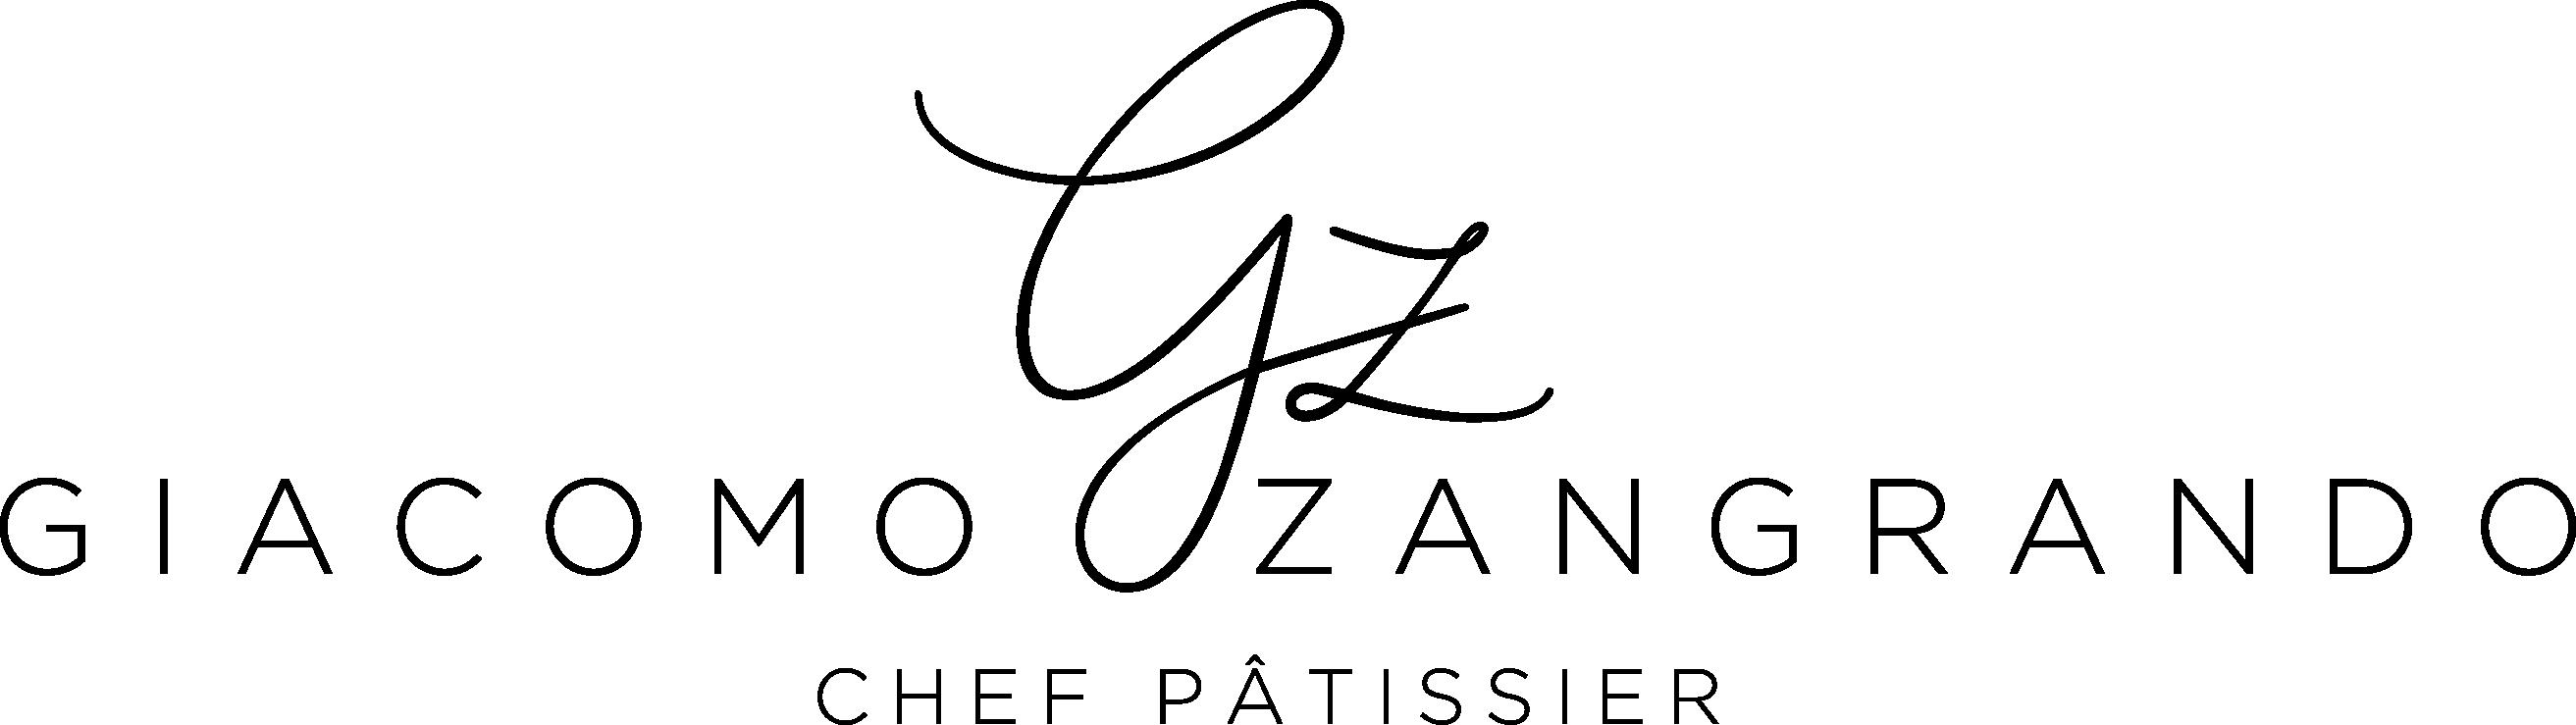 Giacomo Zangrando